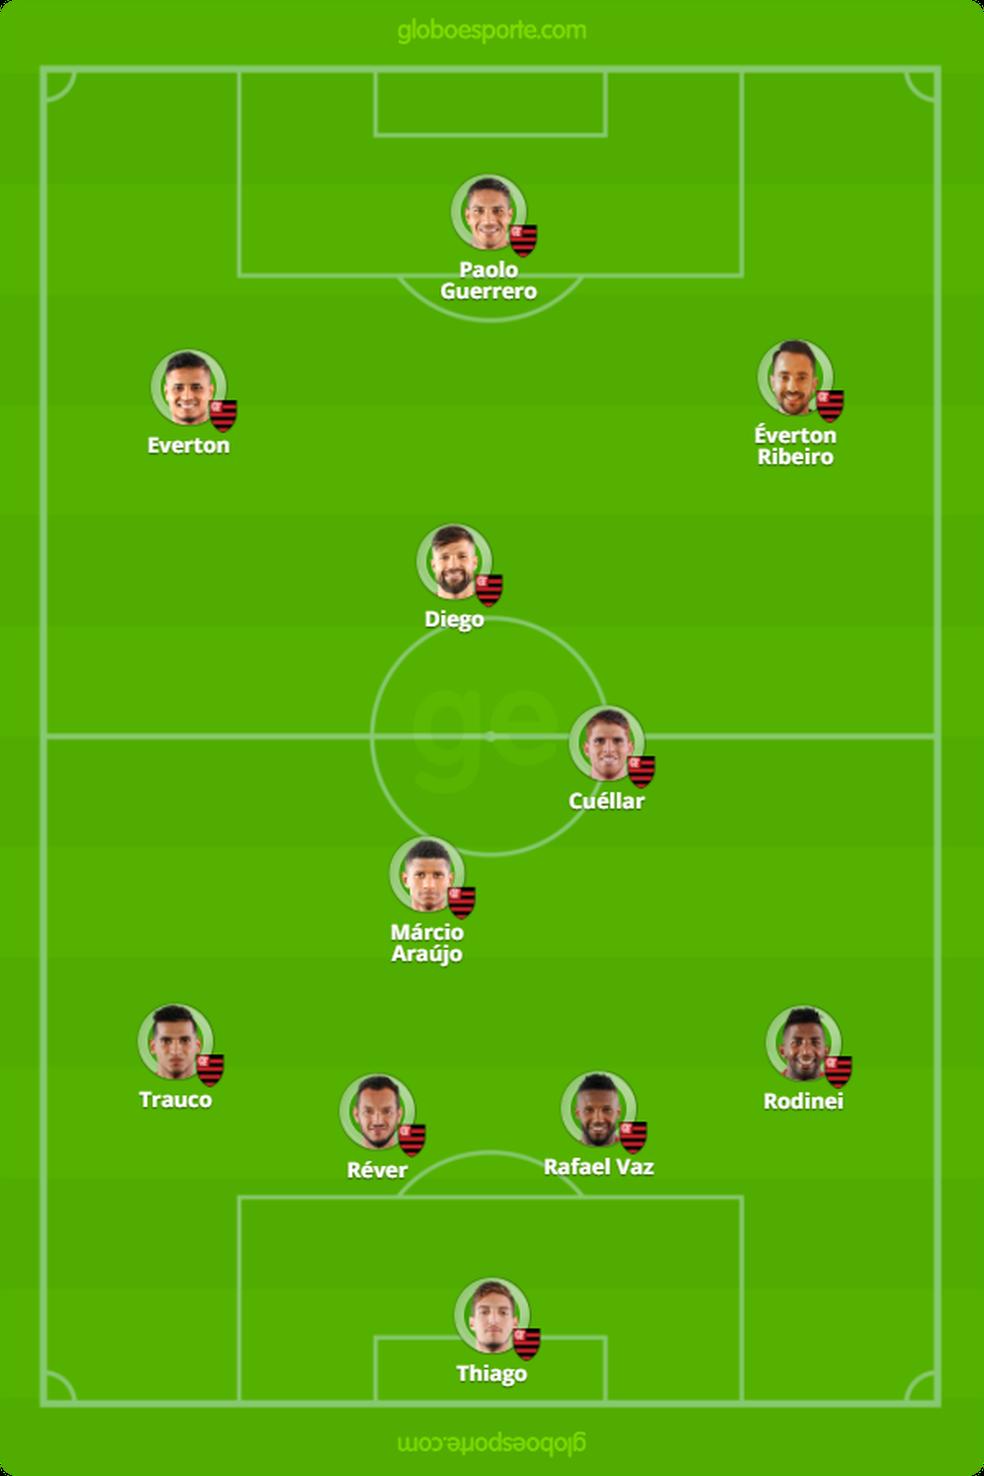 Provável escalação do Flamengo (Foto: GloboEsporte.com)